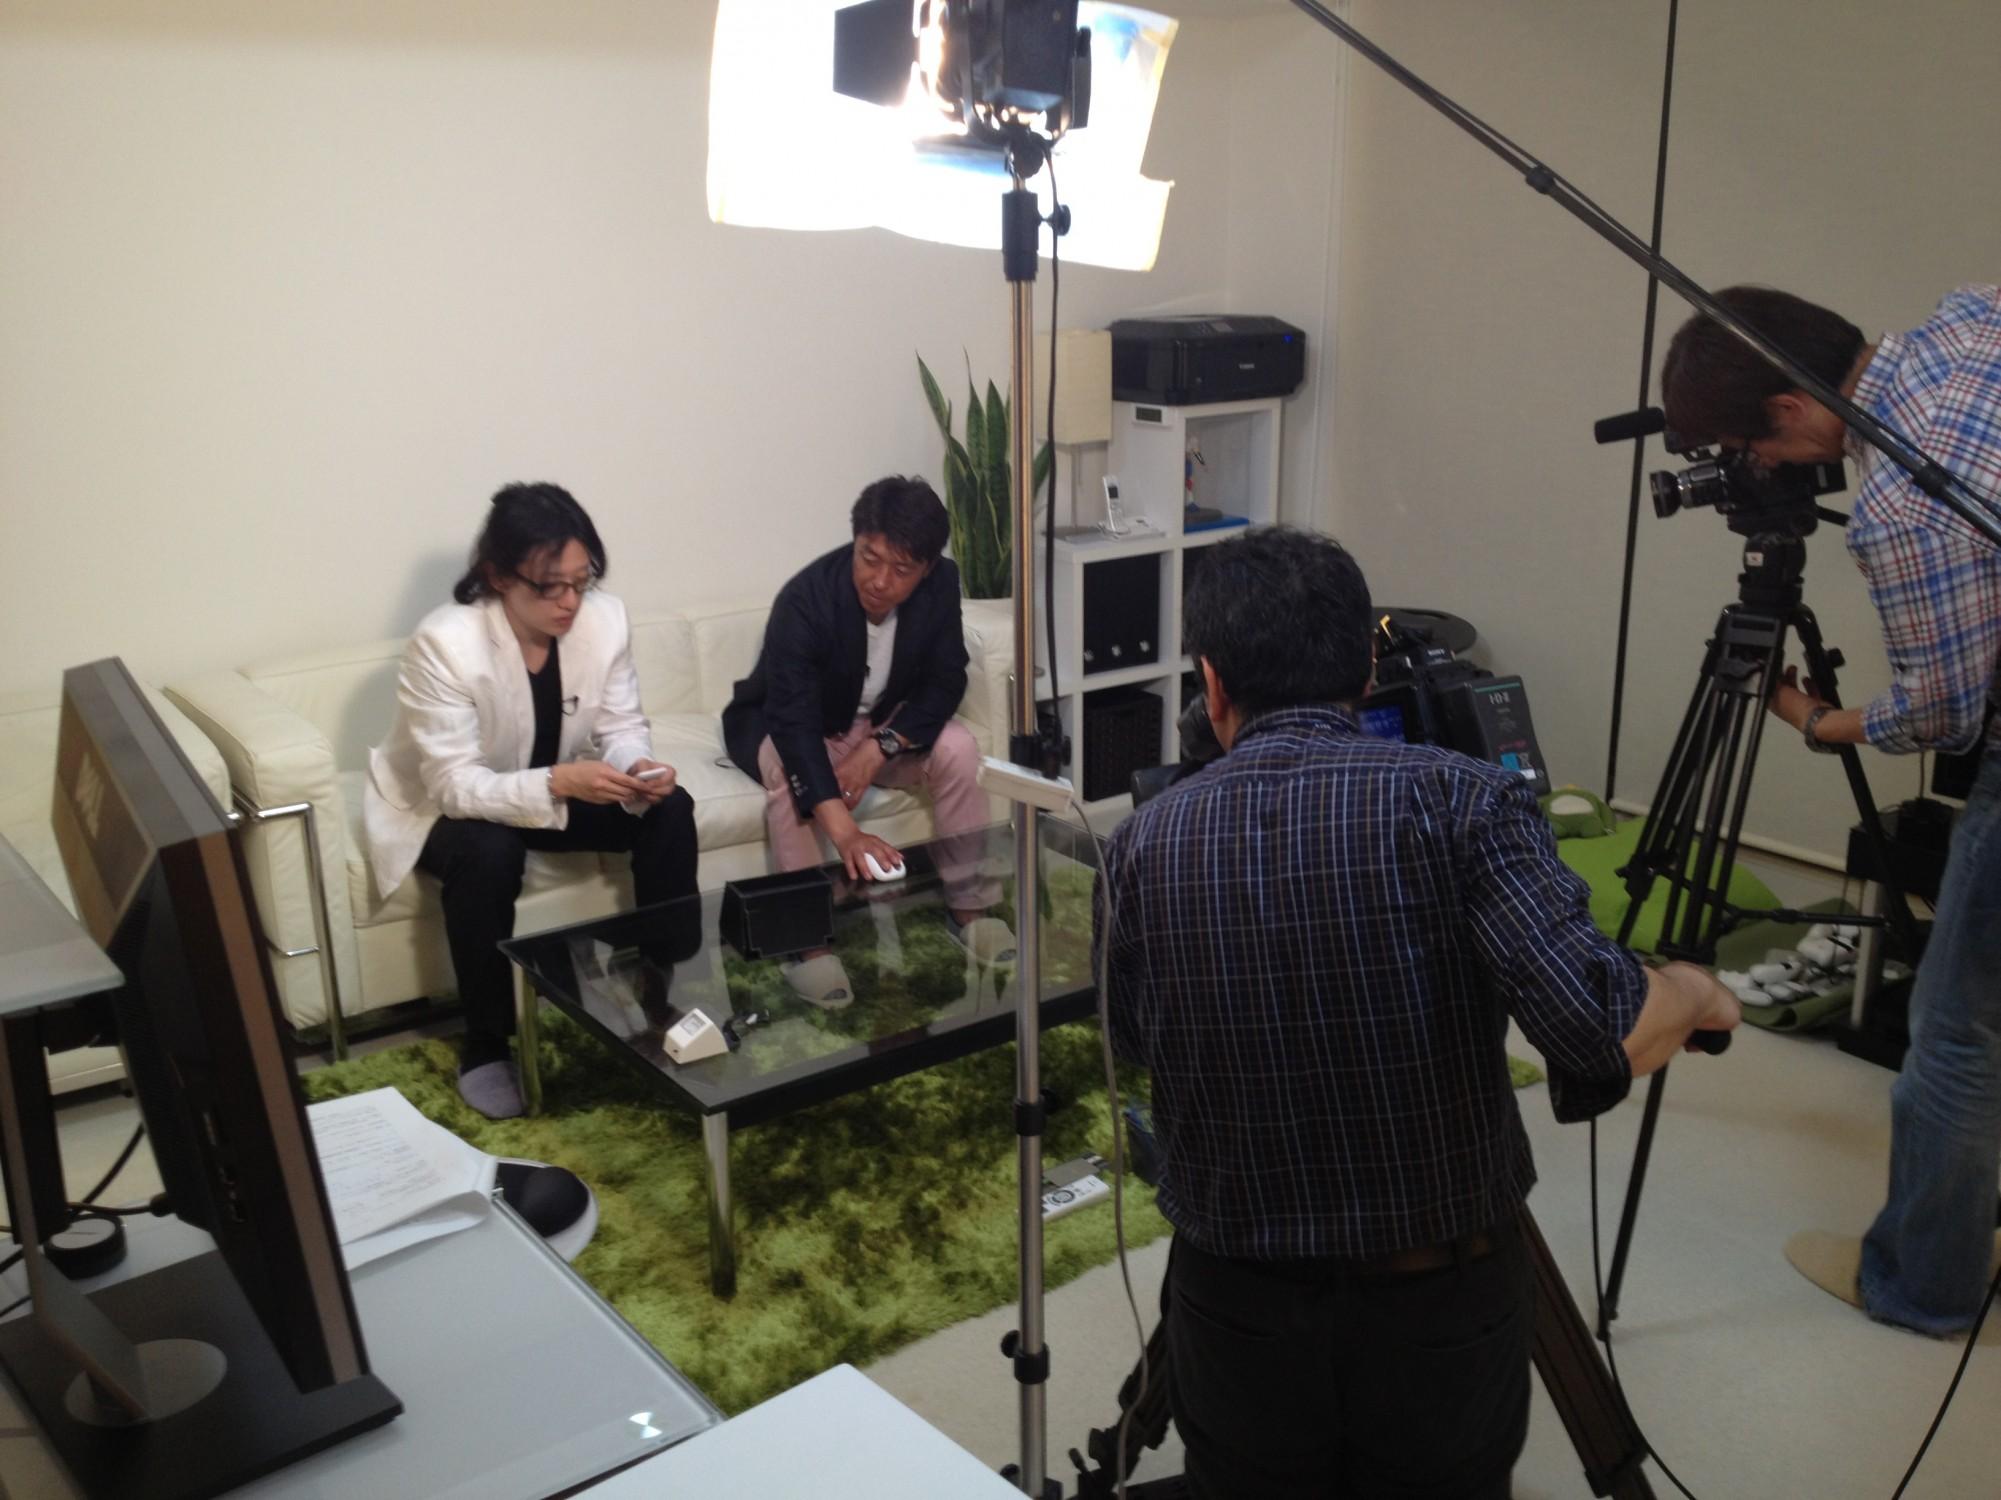 静岡朝日テレビ「スポーツパラダイス」様 テレビ取材